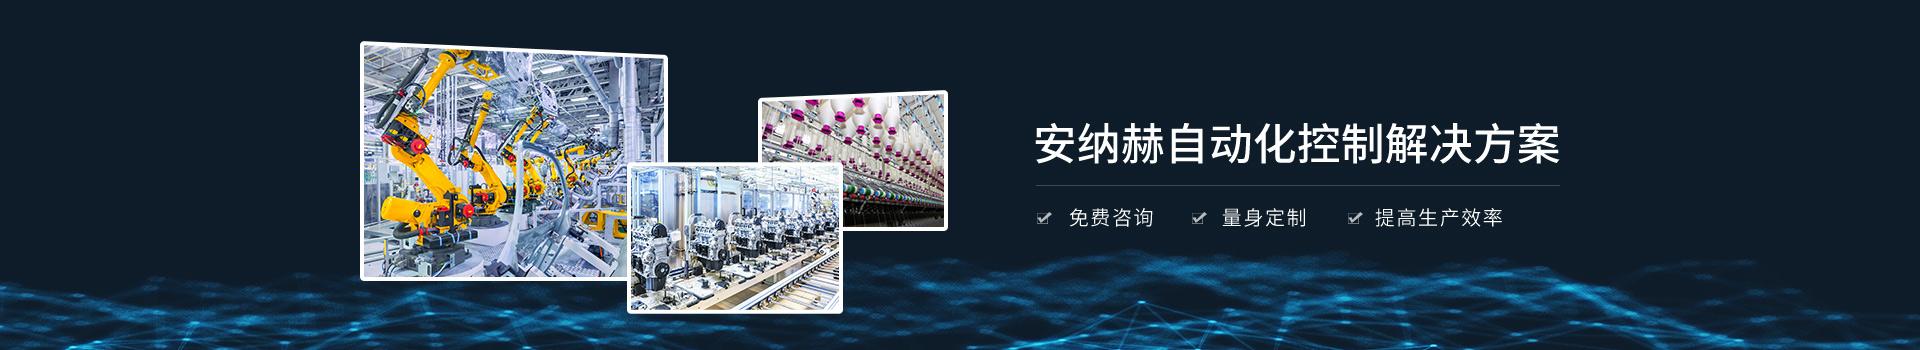 安纳赫自动化控制解决方案,免费咨询、量身定制、提高生产效率